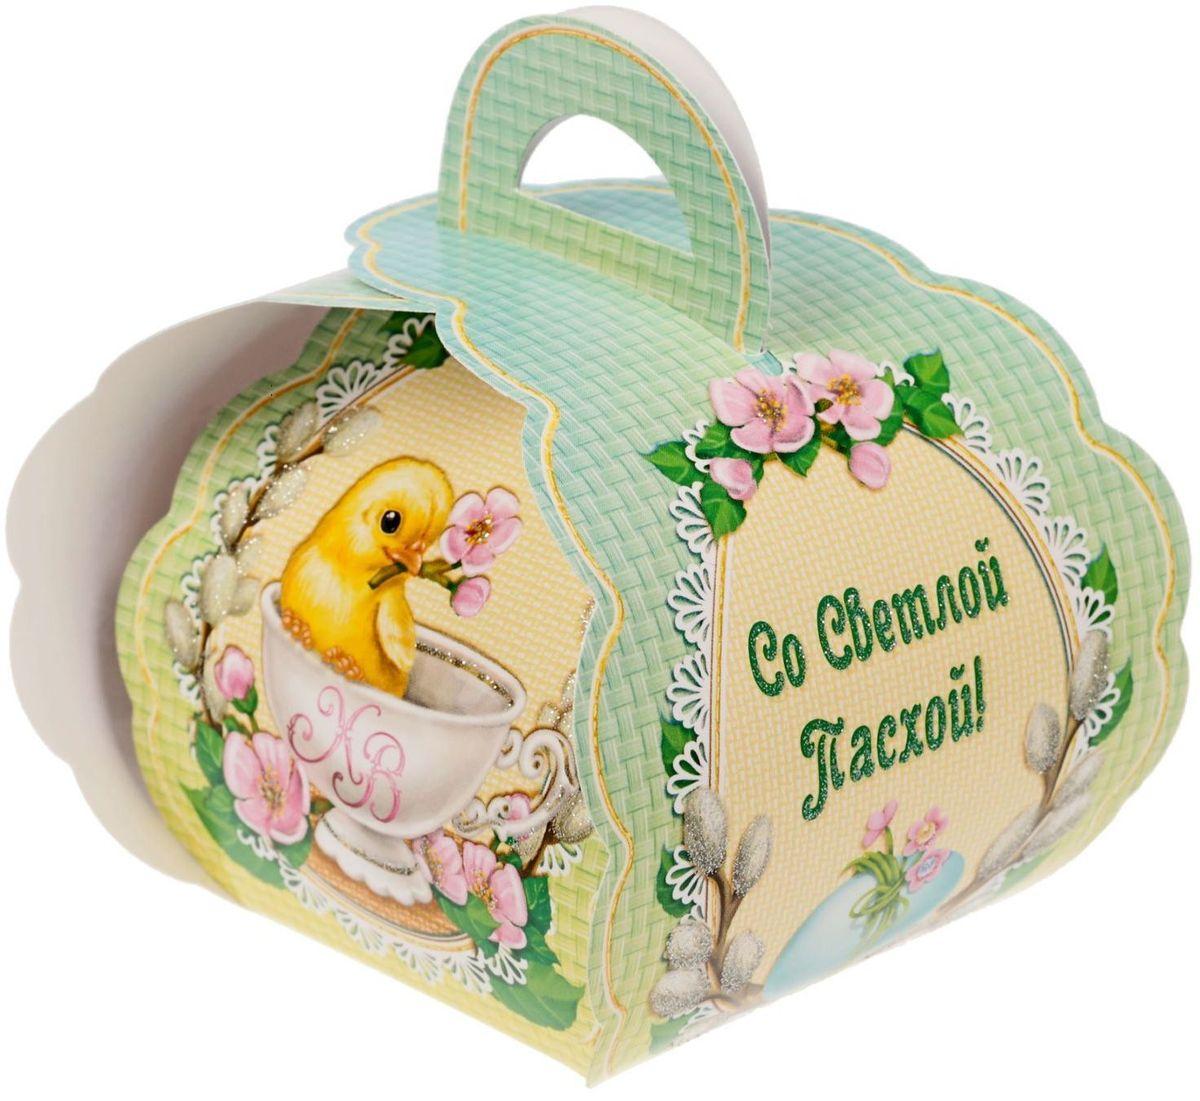 Коробочка подарочная для яйца Со Светлой Пасхой. Цыпленок в чашке. 17469831746983Коробочка подарочная для яйца — новое веяние в мире подарочной упаковки. Представьте, как здорово будет преподнести родным и близким подарки в таком оформлении. Душевный дизайн в народном стиле и пасхальные символы никого не оставят равнодушным. Коробочка надёжна и легка в использовании. Согните её по линиям и положите внутрь заготовленный презент. Благодаря удобной ручке изделие удобно переносить. Размер заготовки: 13,4 х 26,2 см.